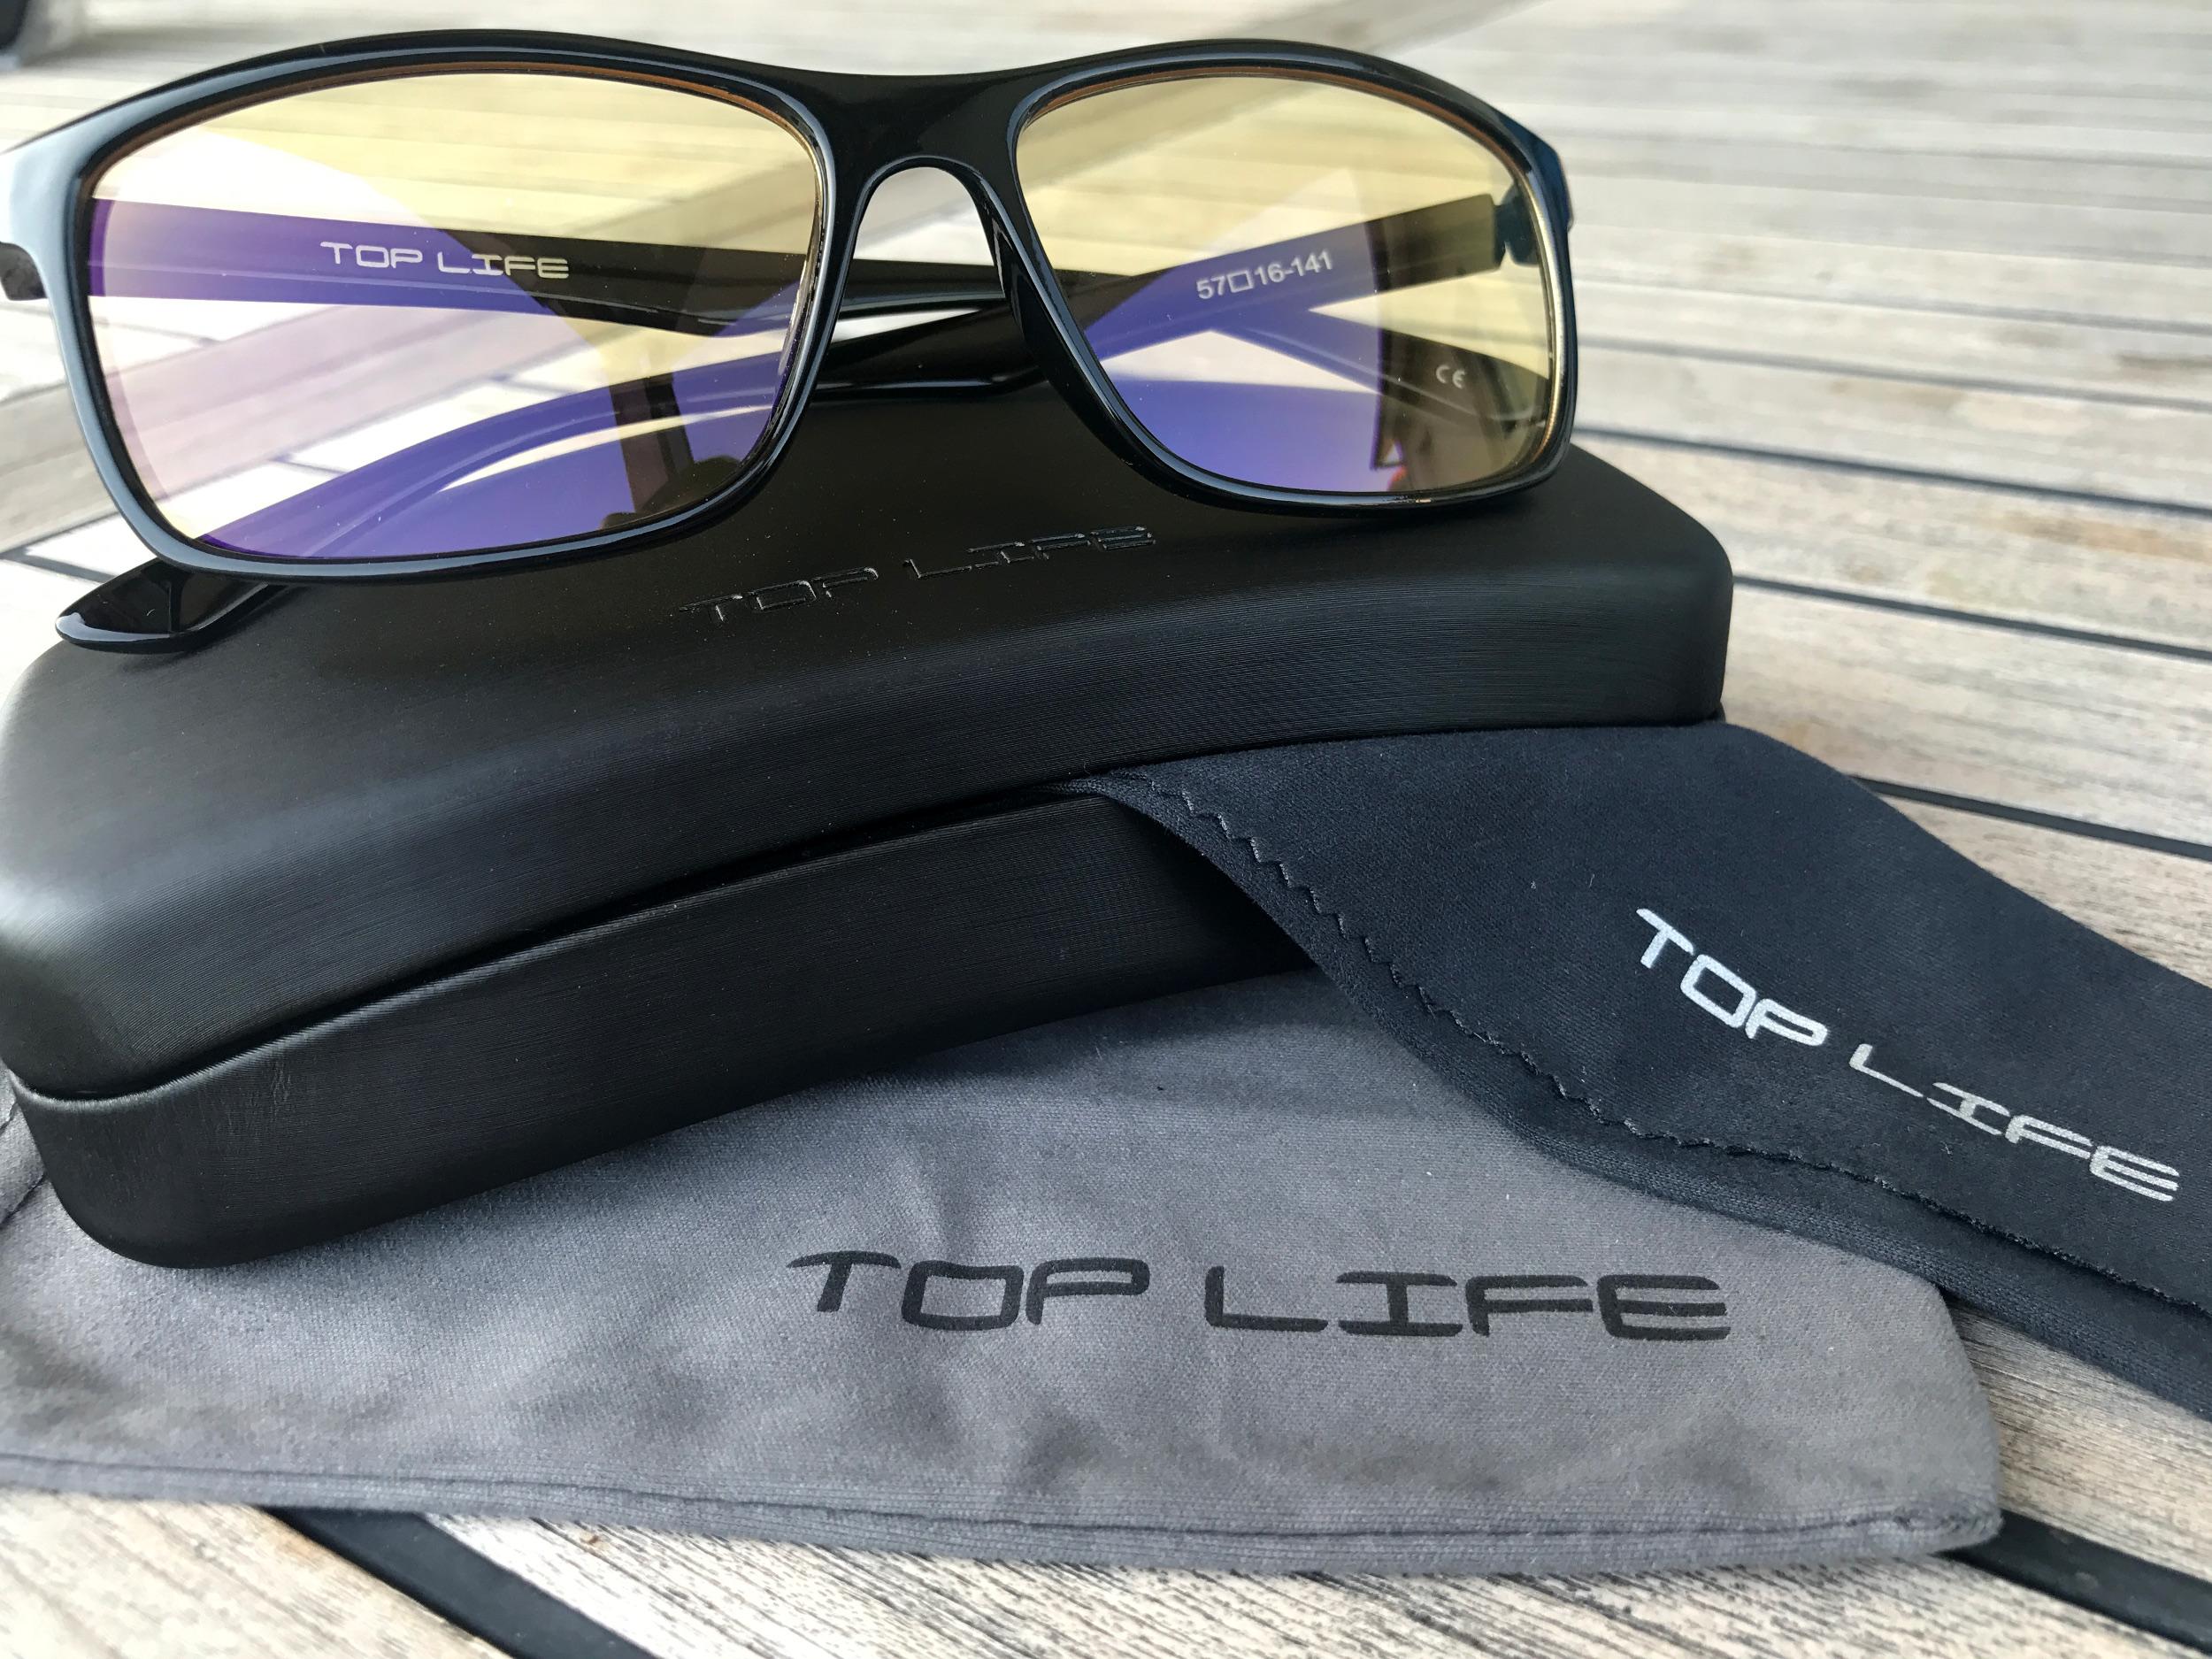 f8810740d9ffc6 ... avantages lunettes lumiere bleue  Packaging Lunettes Top Life ...